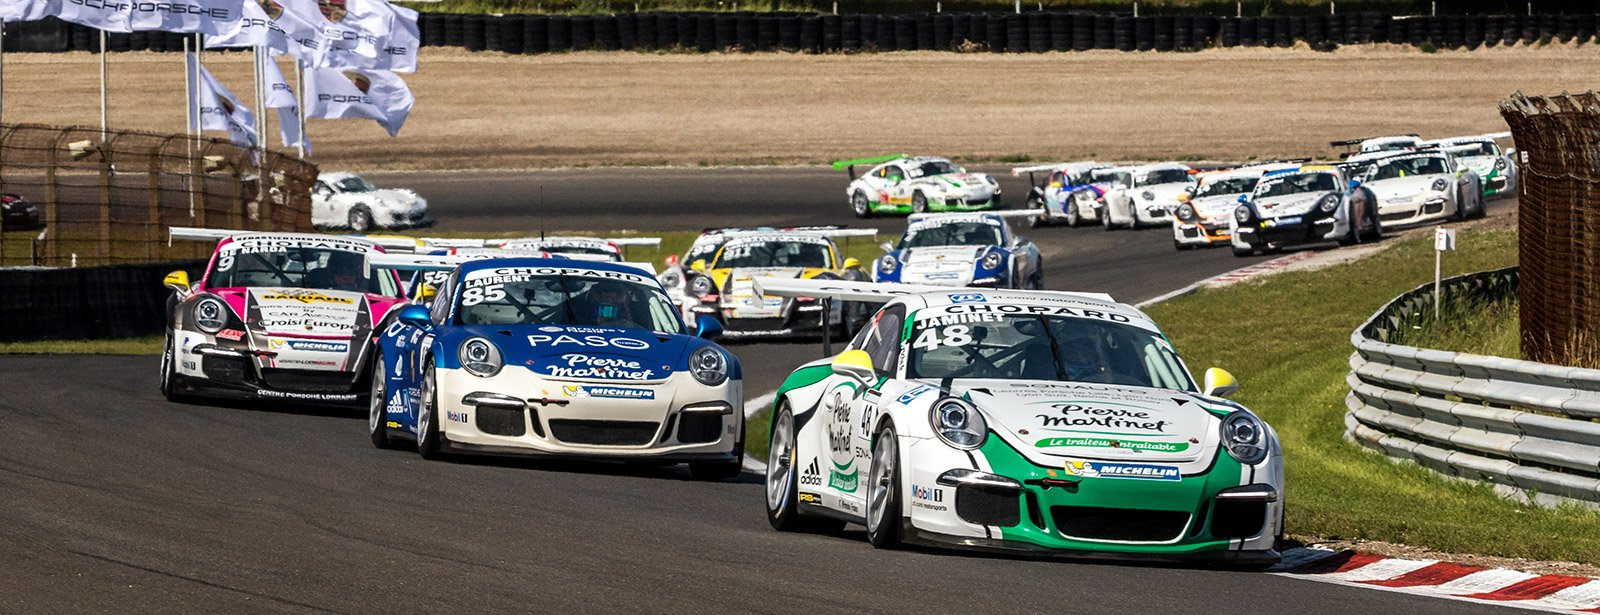 Porsche Carrera Cup Dijon 2017